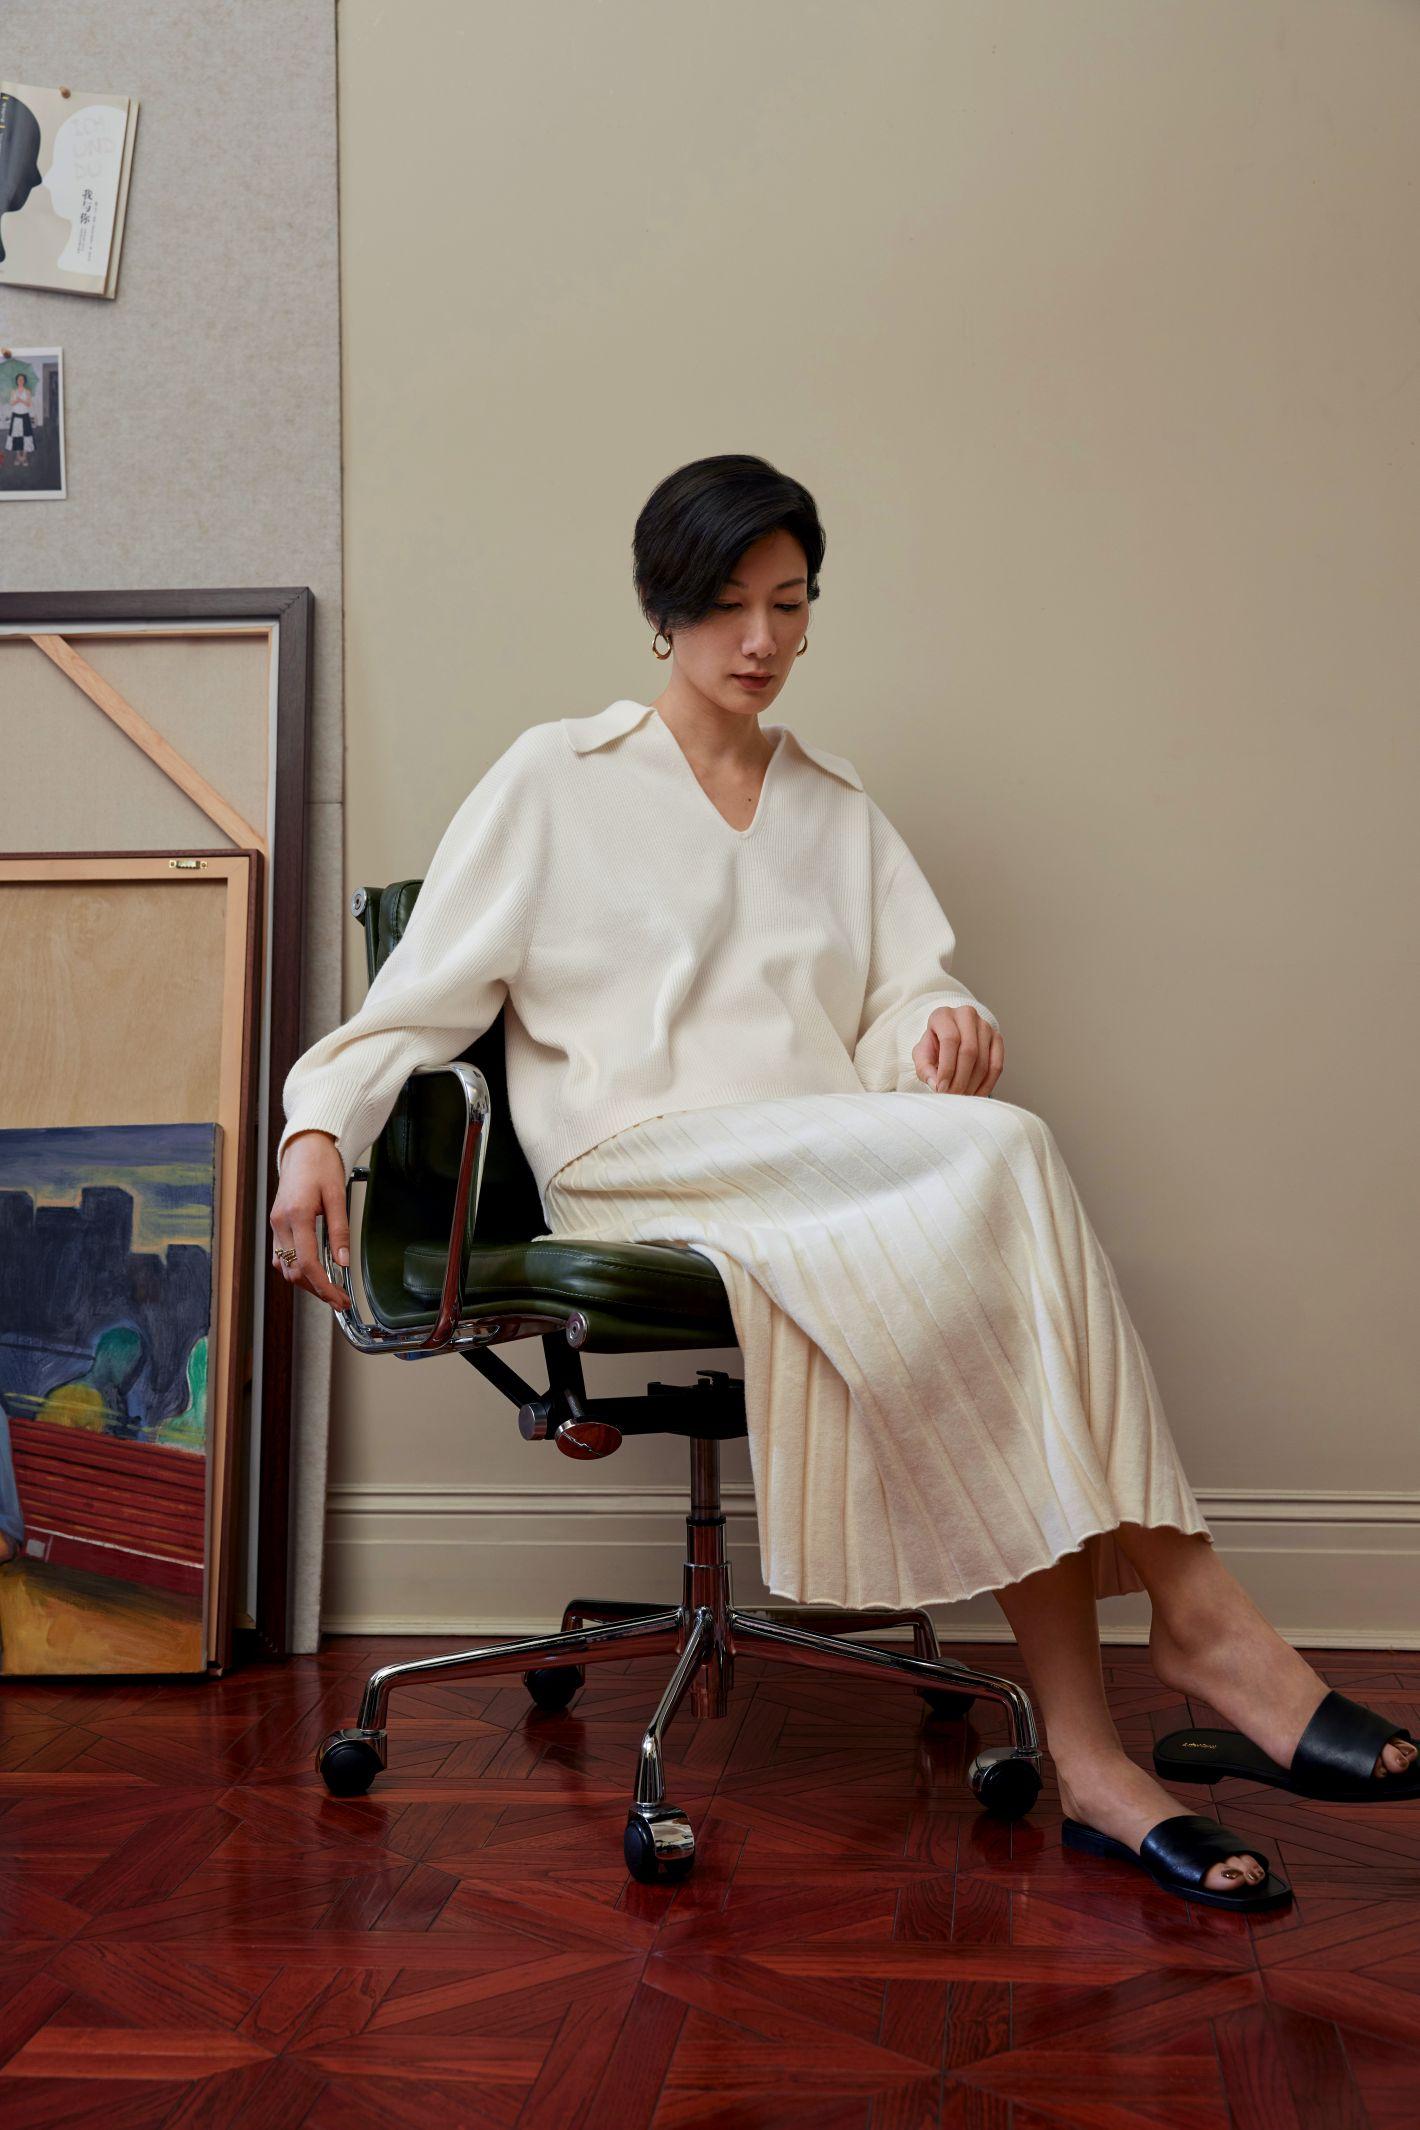 #看见妳的故事# & Other Stories邂逅中国两周年,记录女性独特故事